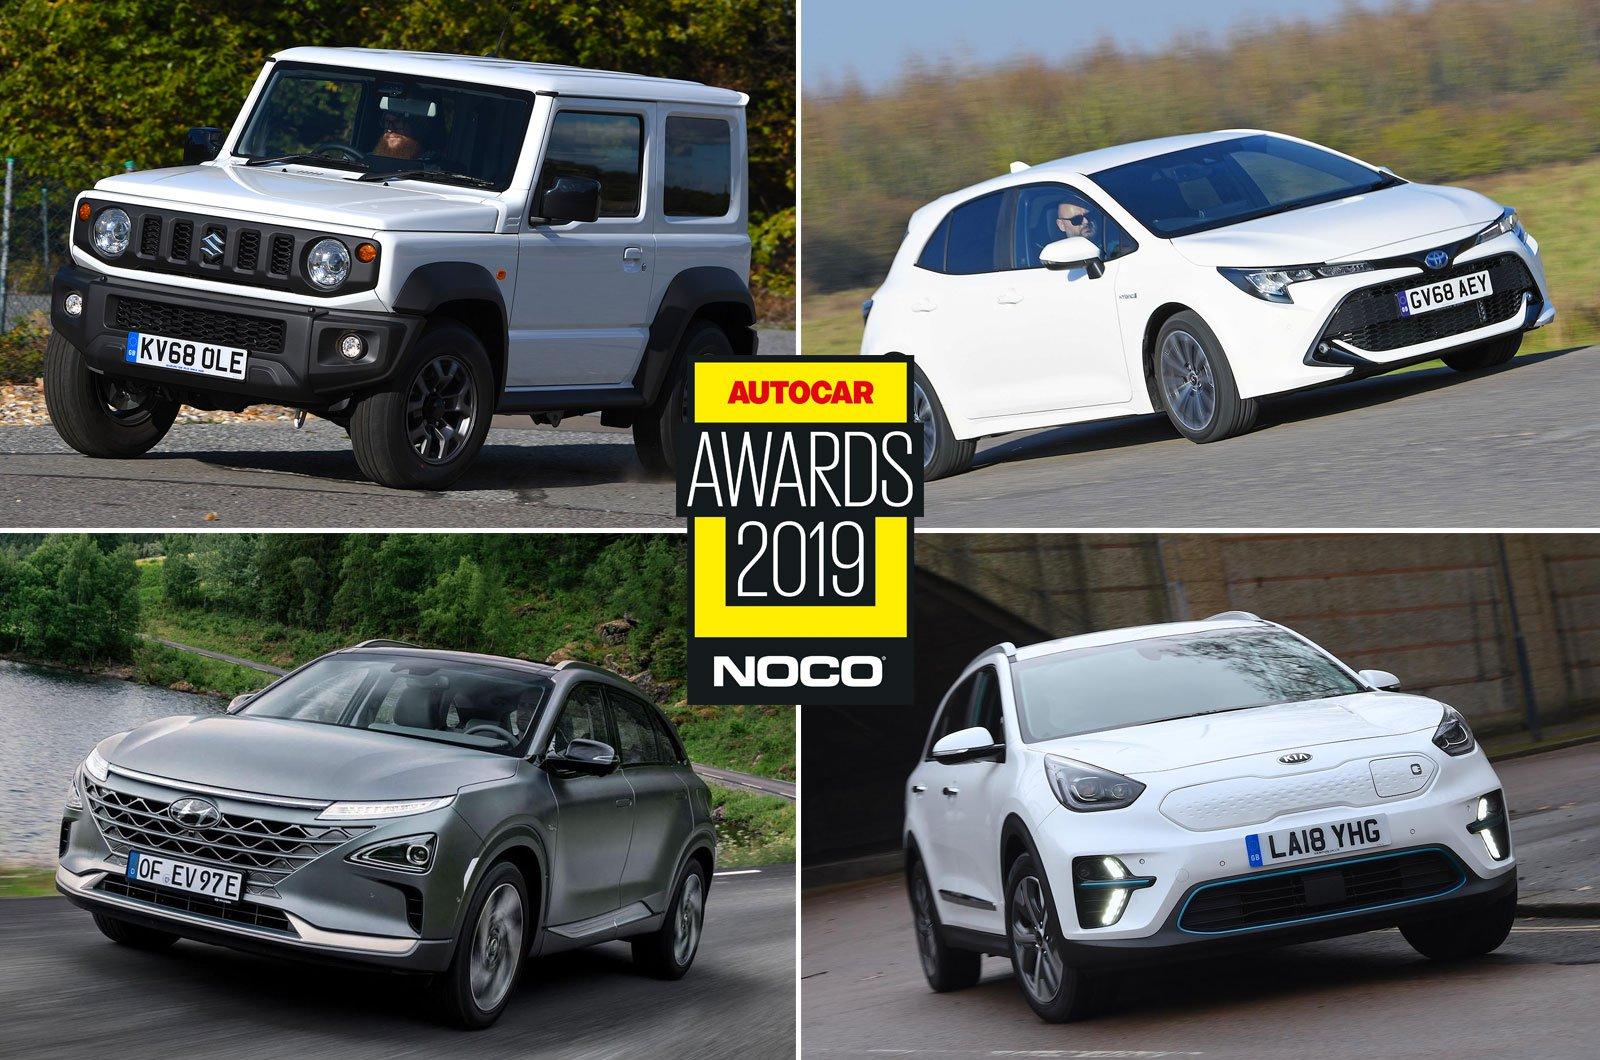 Suzuki Jimny, Toyota Corolla, Hyundai Nexo, Kia e-Niro